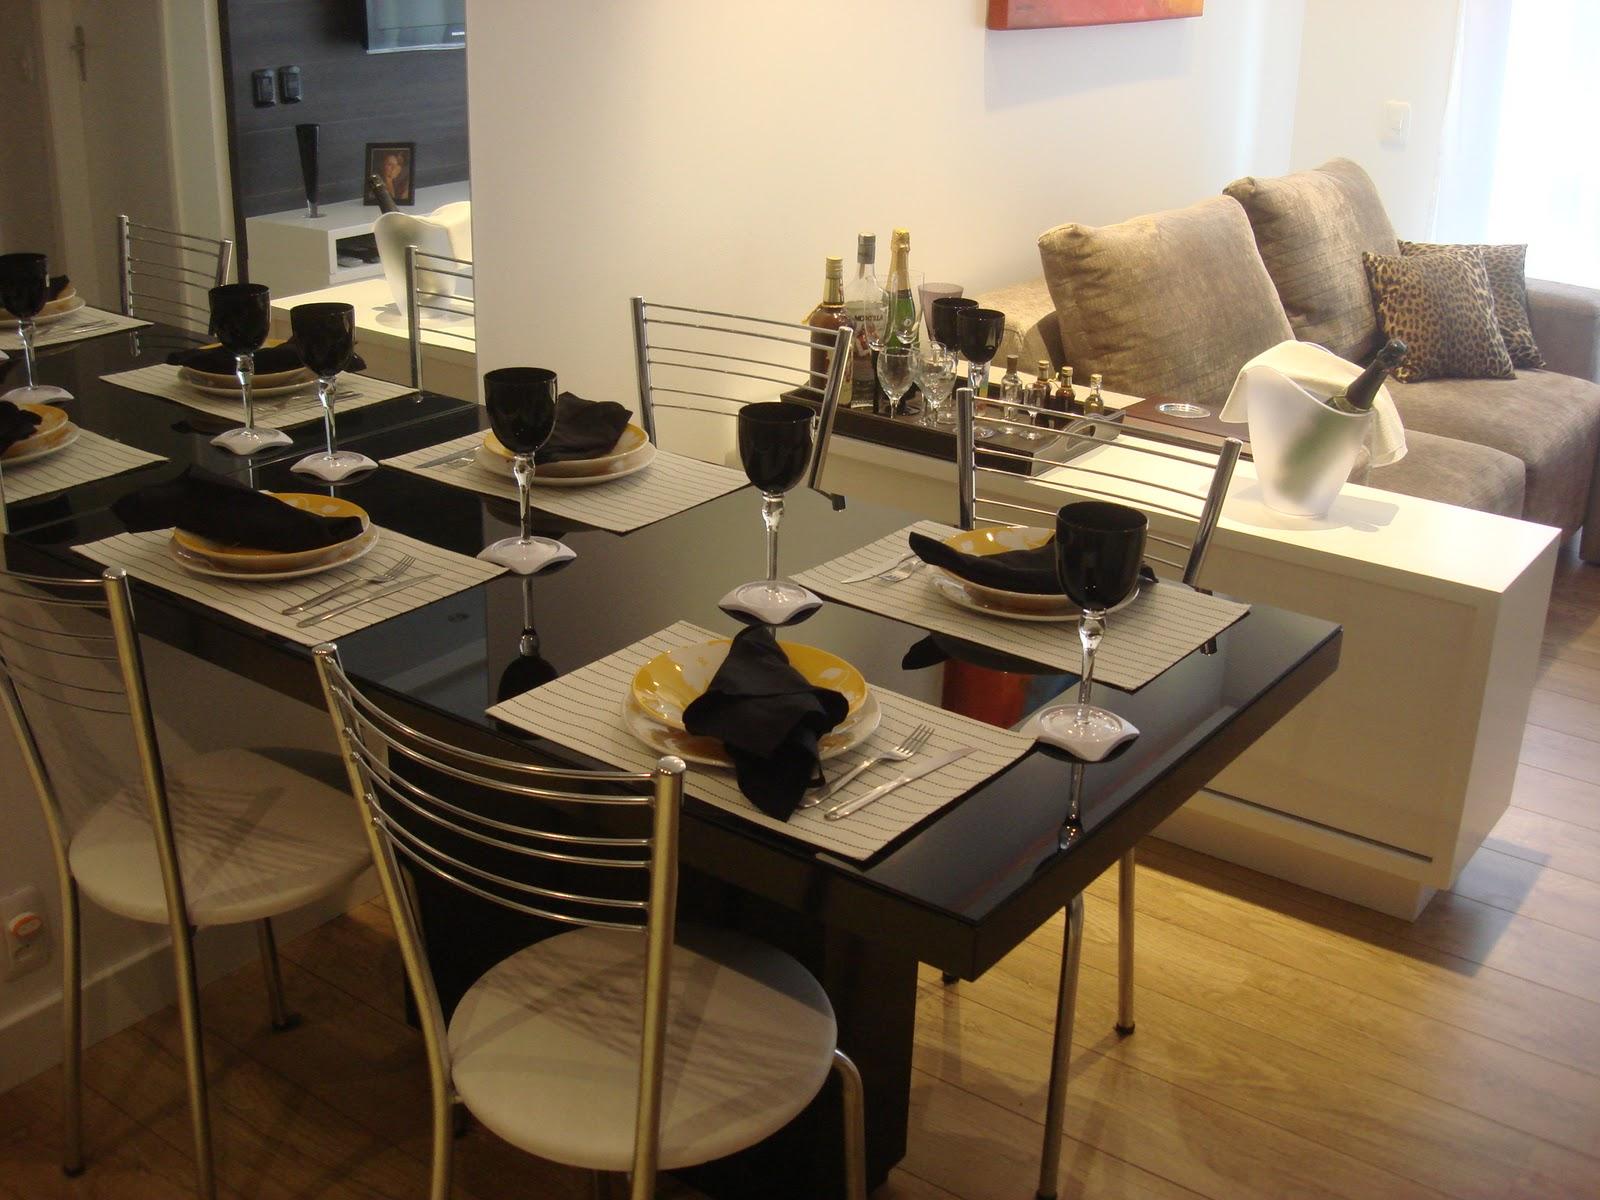 Pruzak Com Mesa Quadrada Pequena Para Sala Id Ias Interessantes  -> Sala De Jantar Pequena Mesa Redonda Ou Retangular